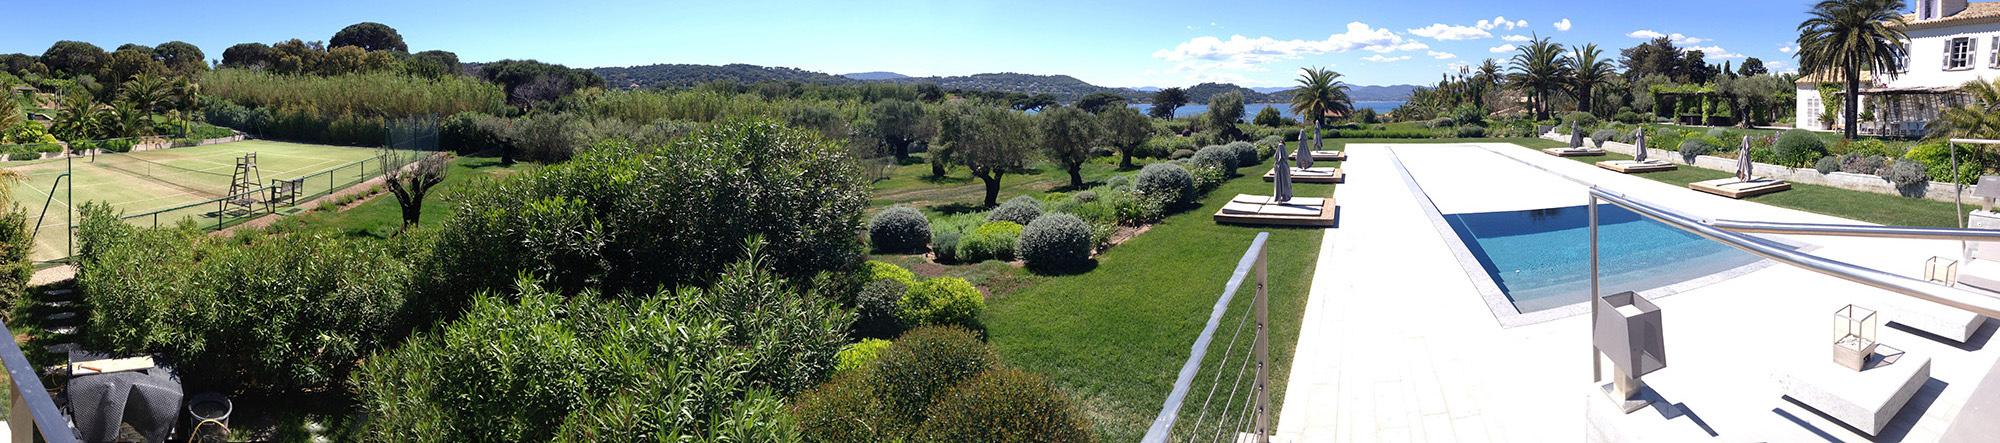 Vue panoramique du jardin